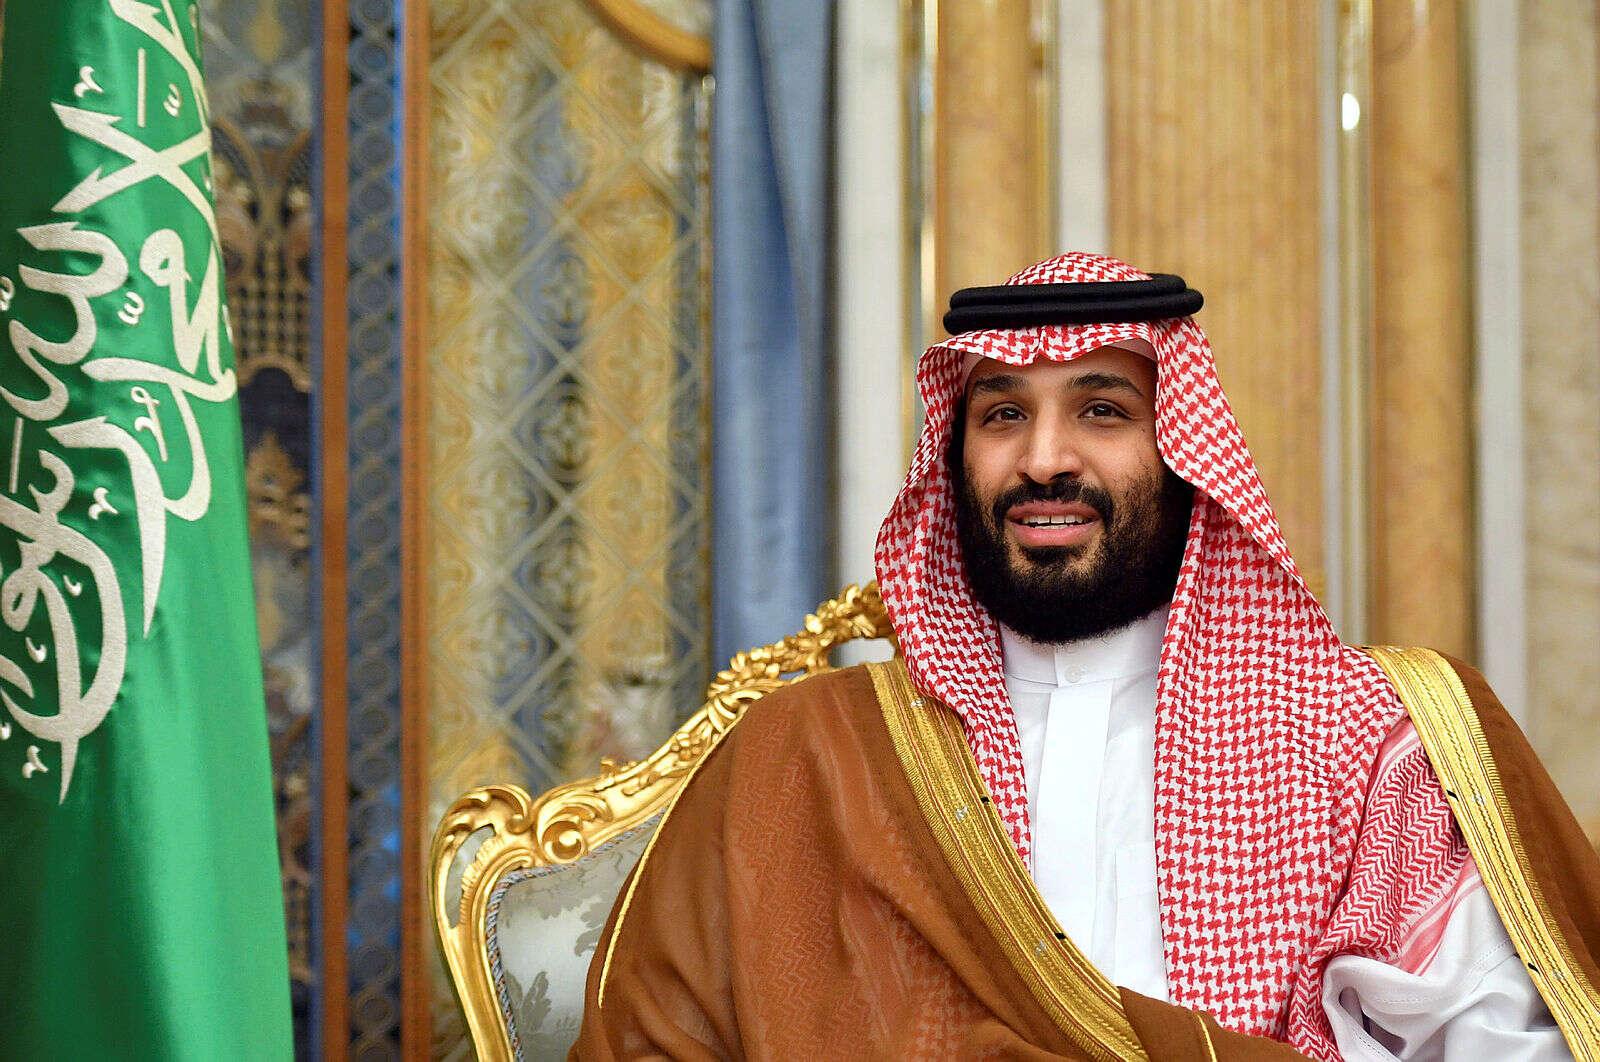 דיווח: סעודיה מעדיפה לחכות לממשל ביידן